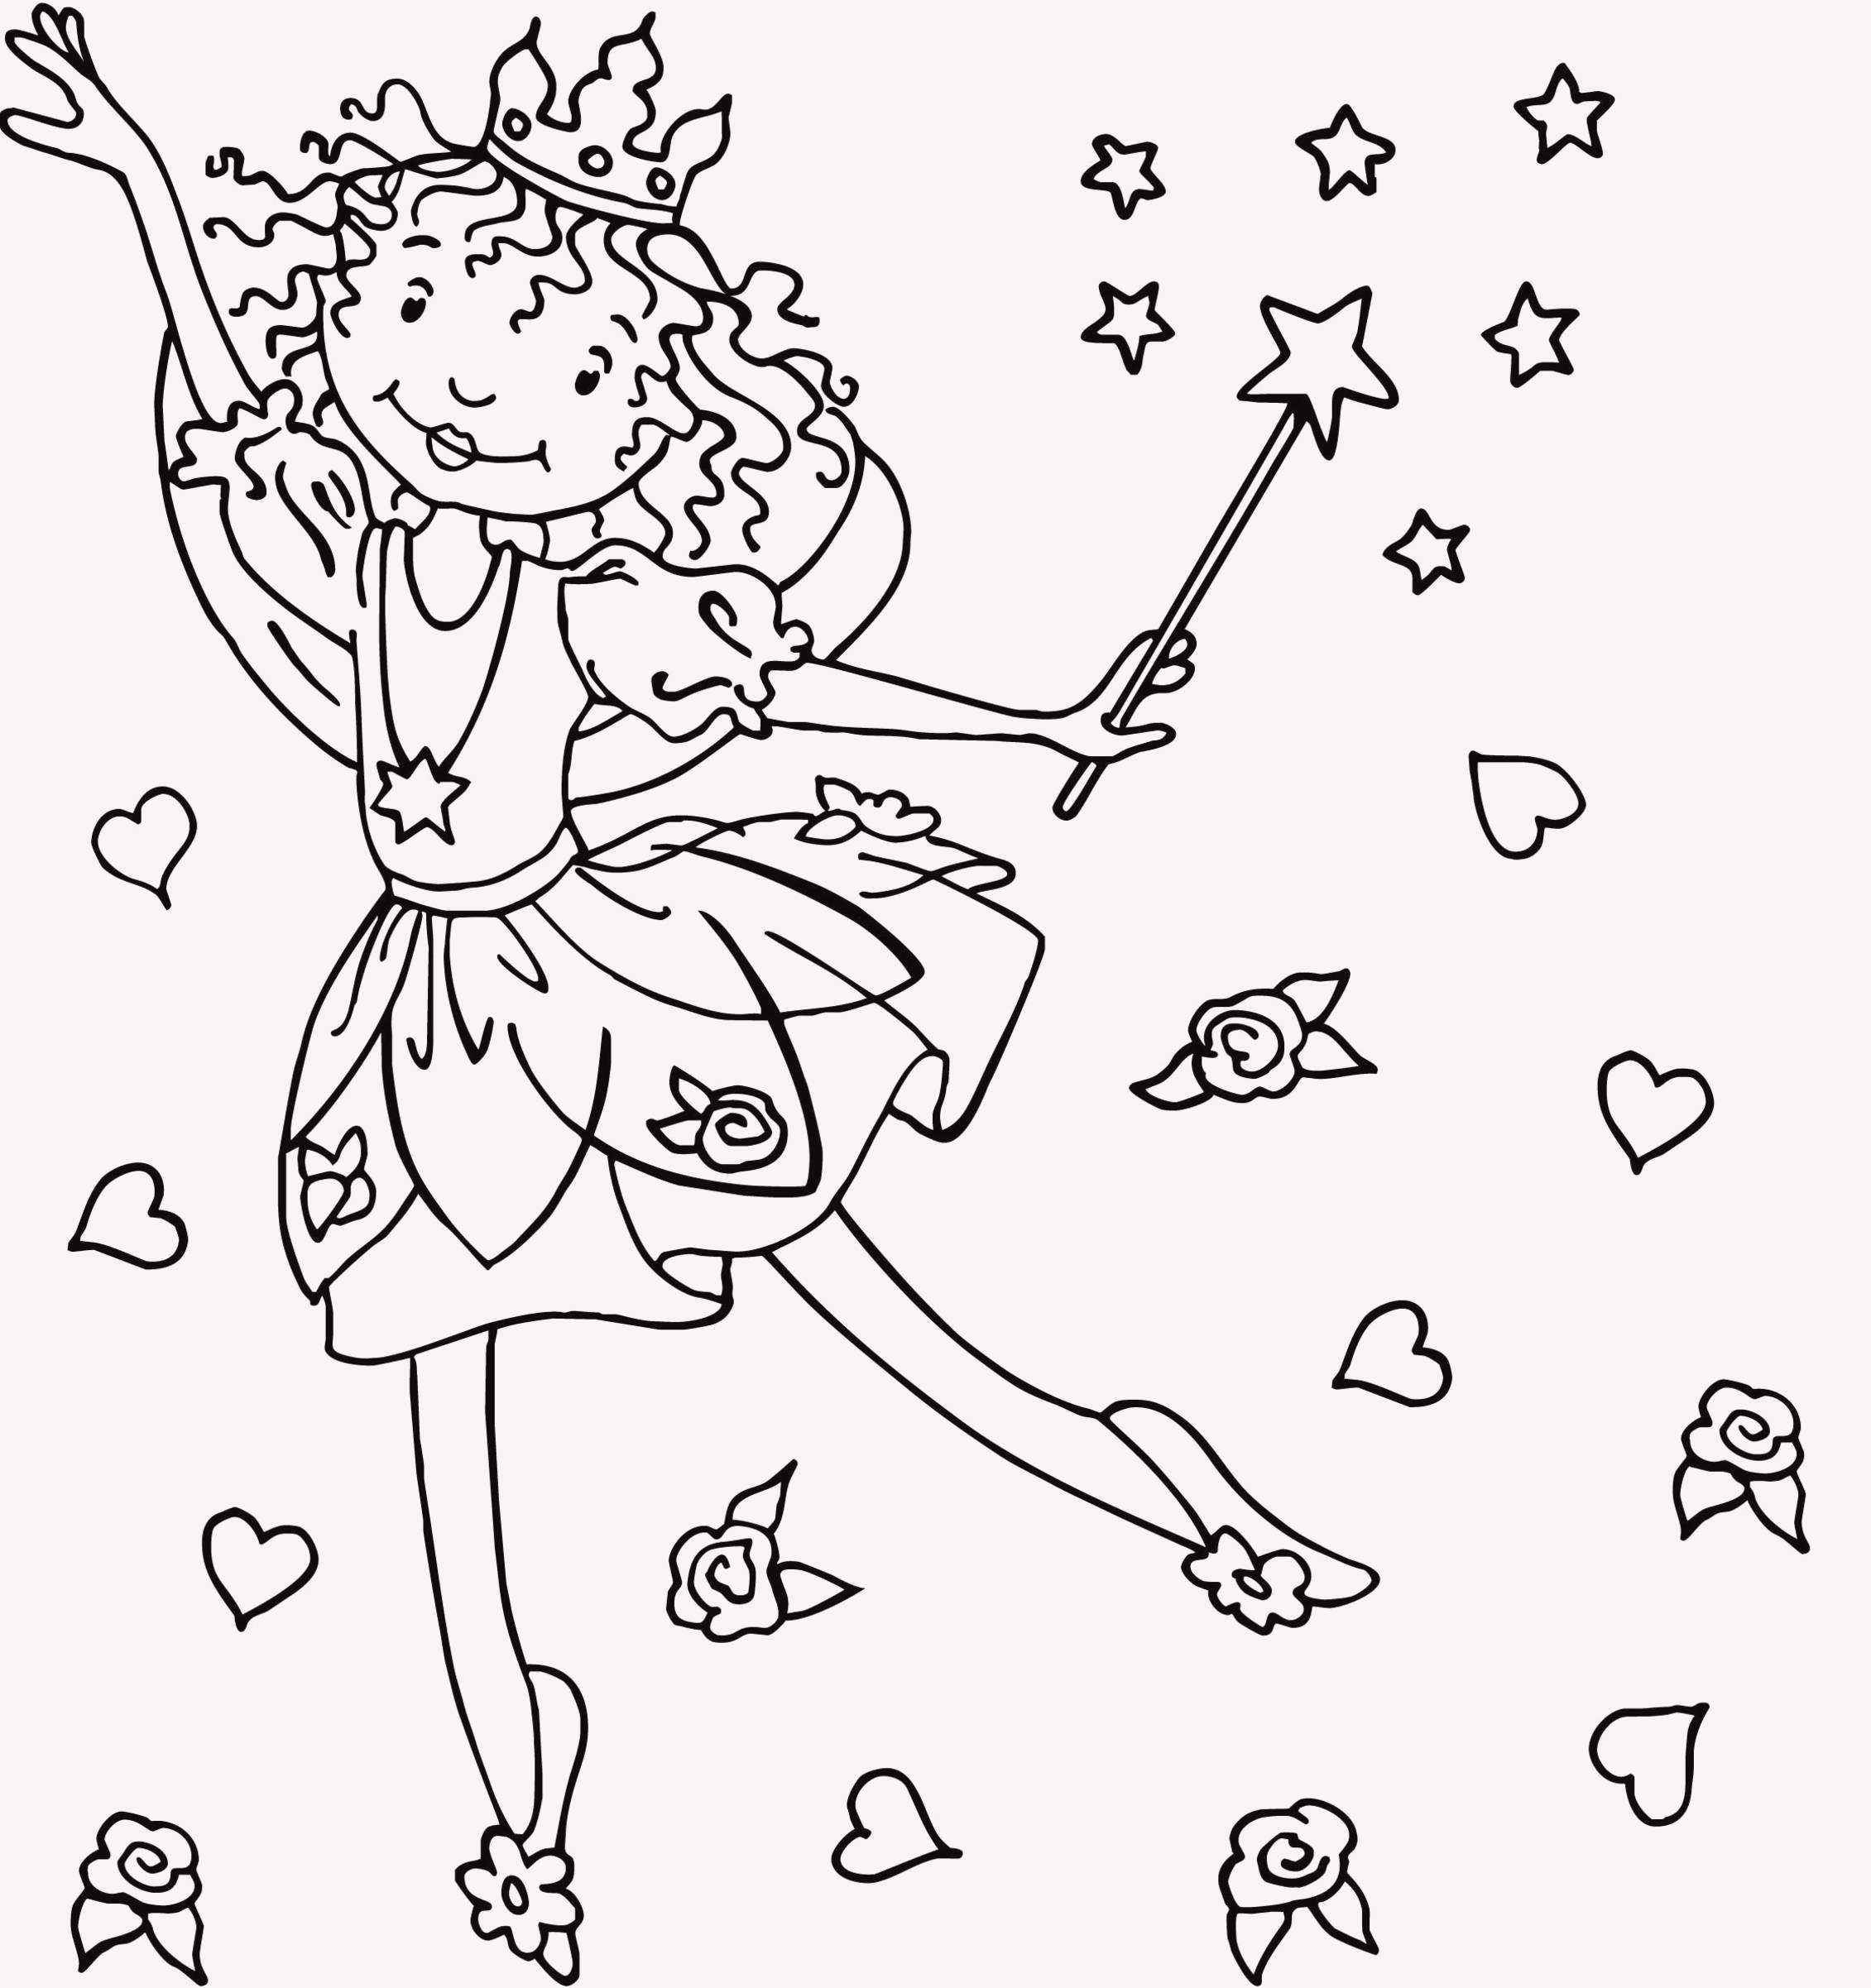 Birne Zum Ausmalen Genial Prinzessin Lillifee Malvorlage Neu Ausmalbilder Lilifee Das Bild